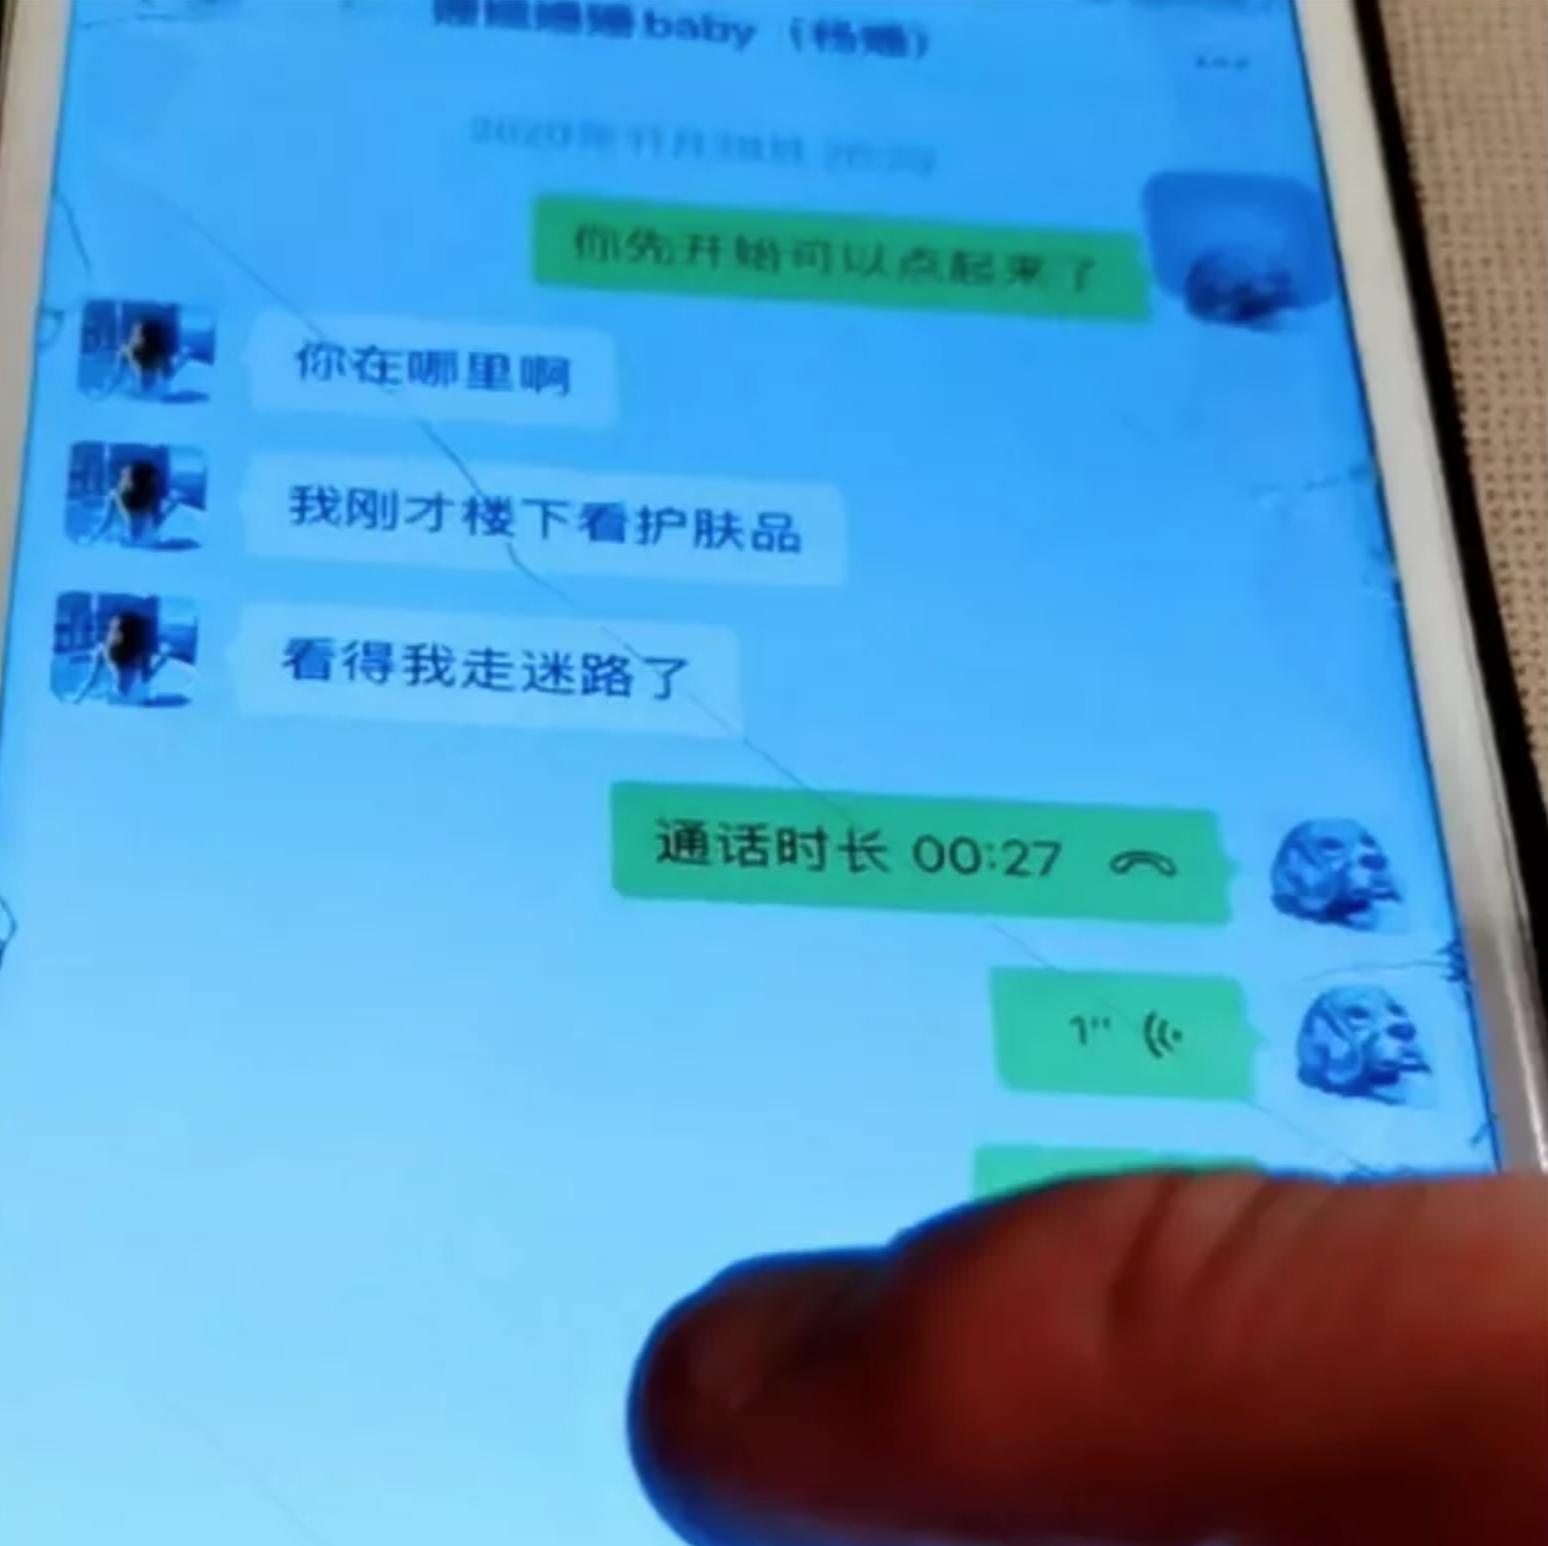 宁波名媛白富美和网友约会点2万火锅,男方摸胸逃单真相深挖